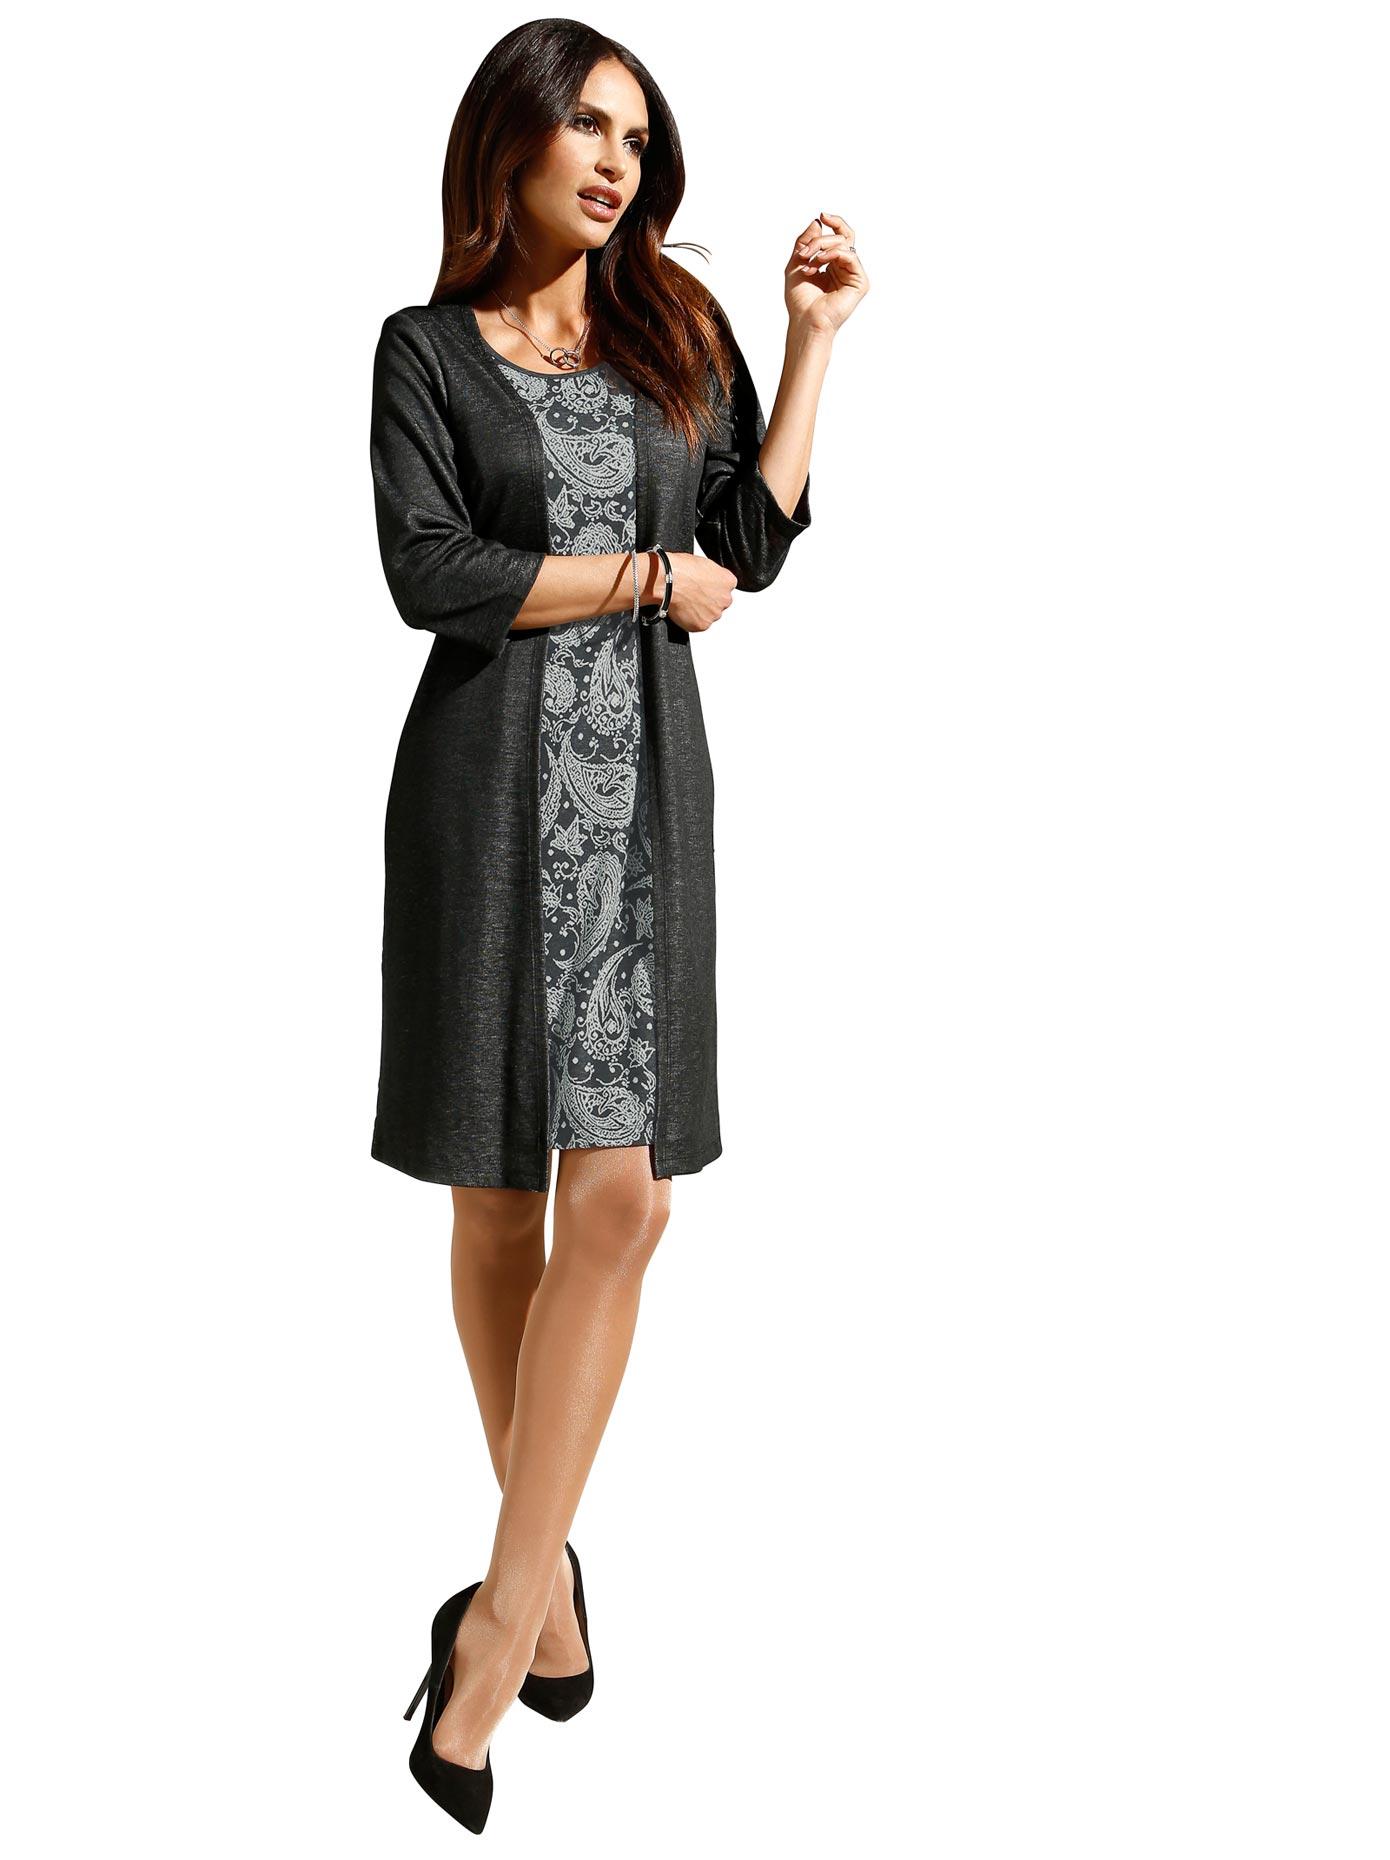 Alessa W Jersey-Kleid in attraktiver figurgünstiger 2-in-1-Optik